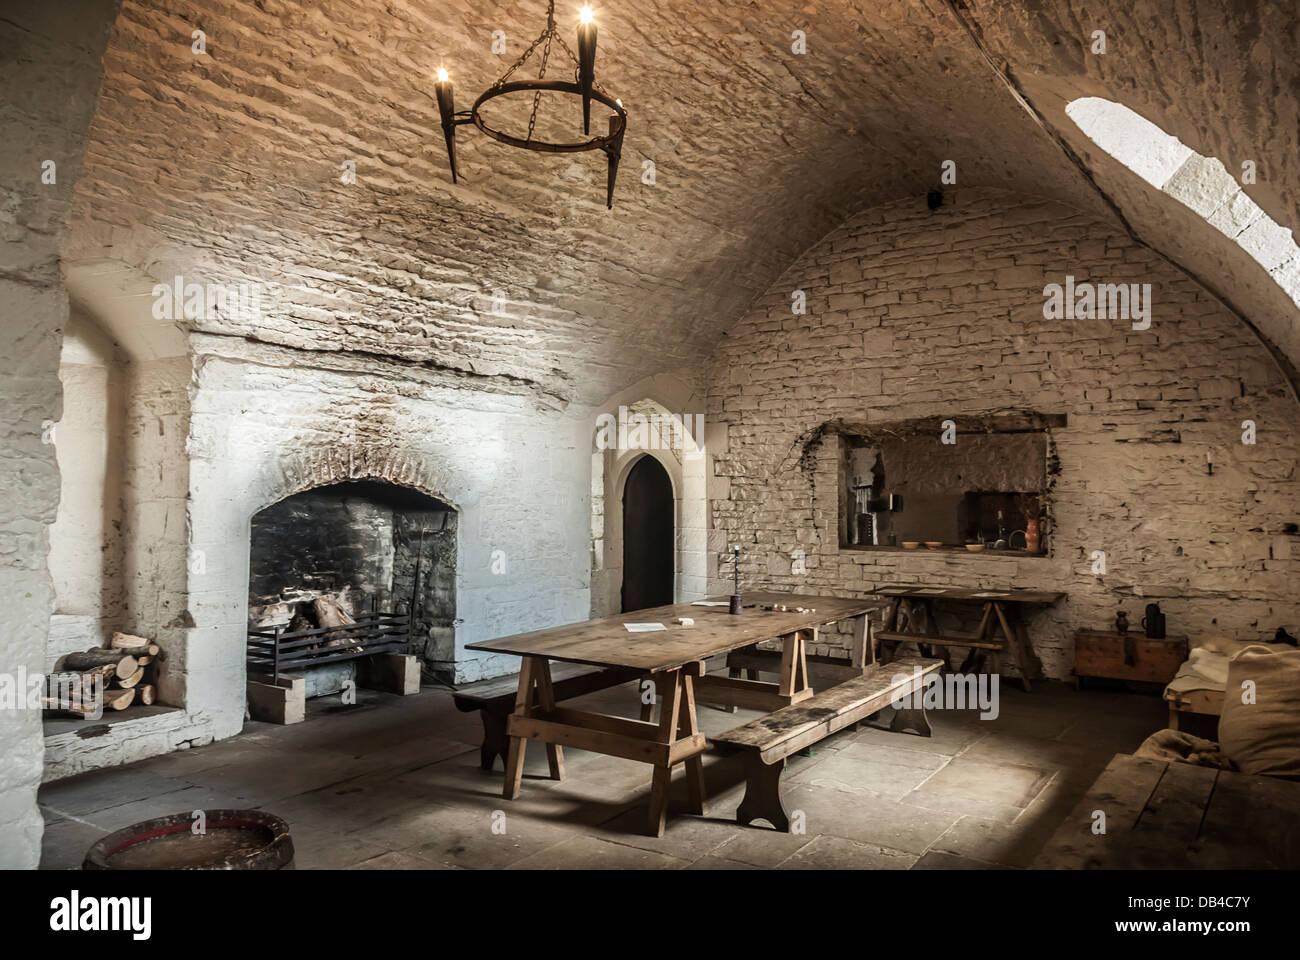 Ein Esszimmer Kuche In Einem Mittelalterlichen Schloss Stockfoto